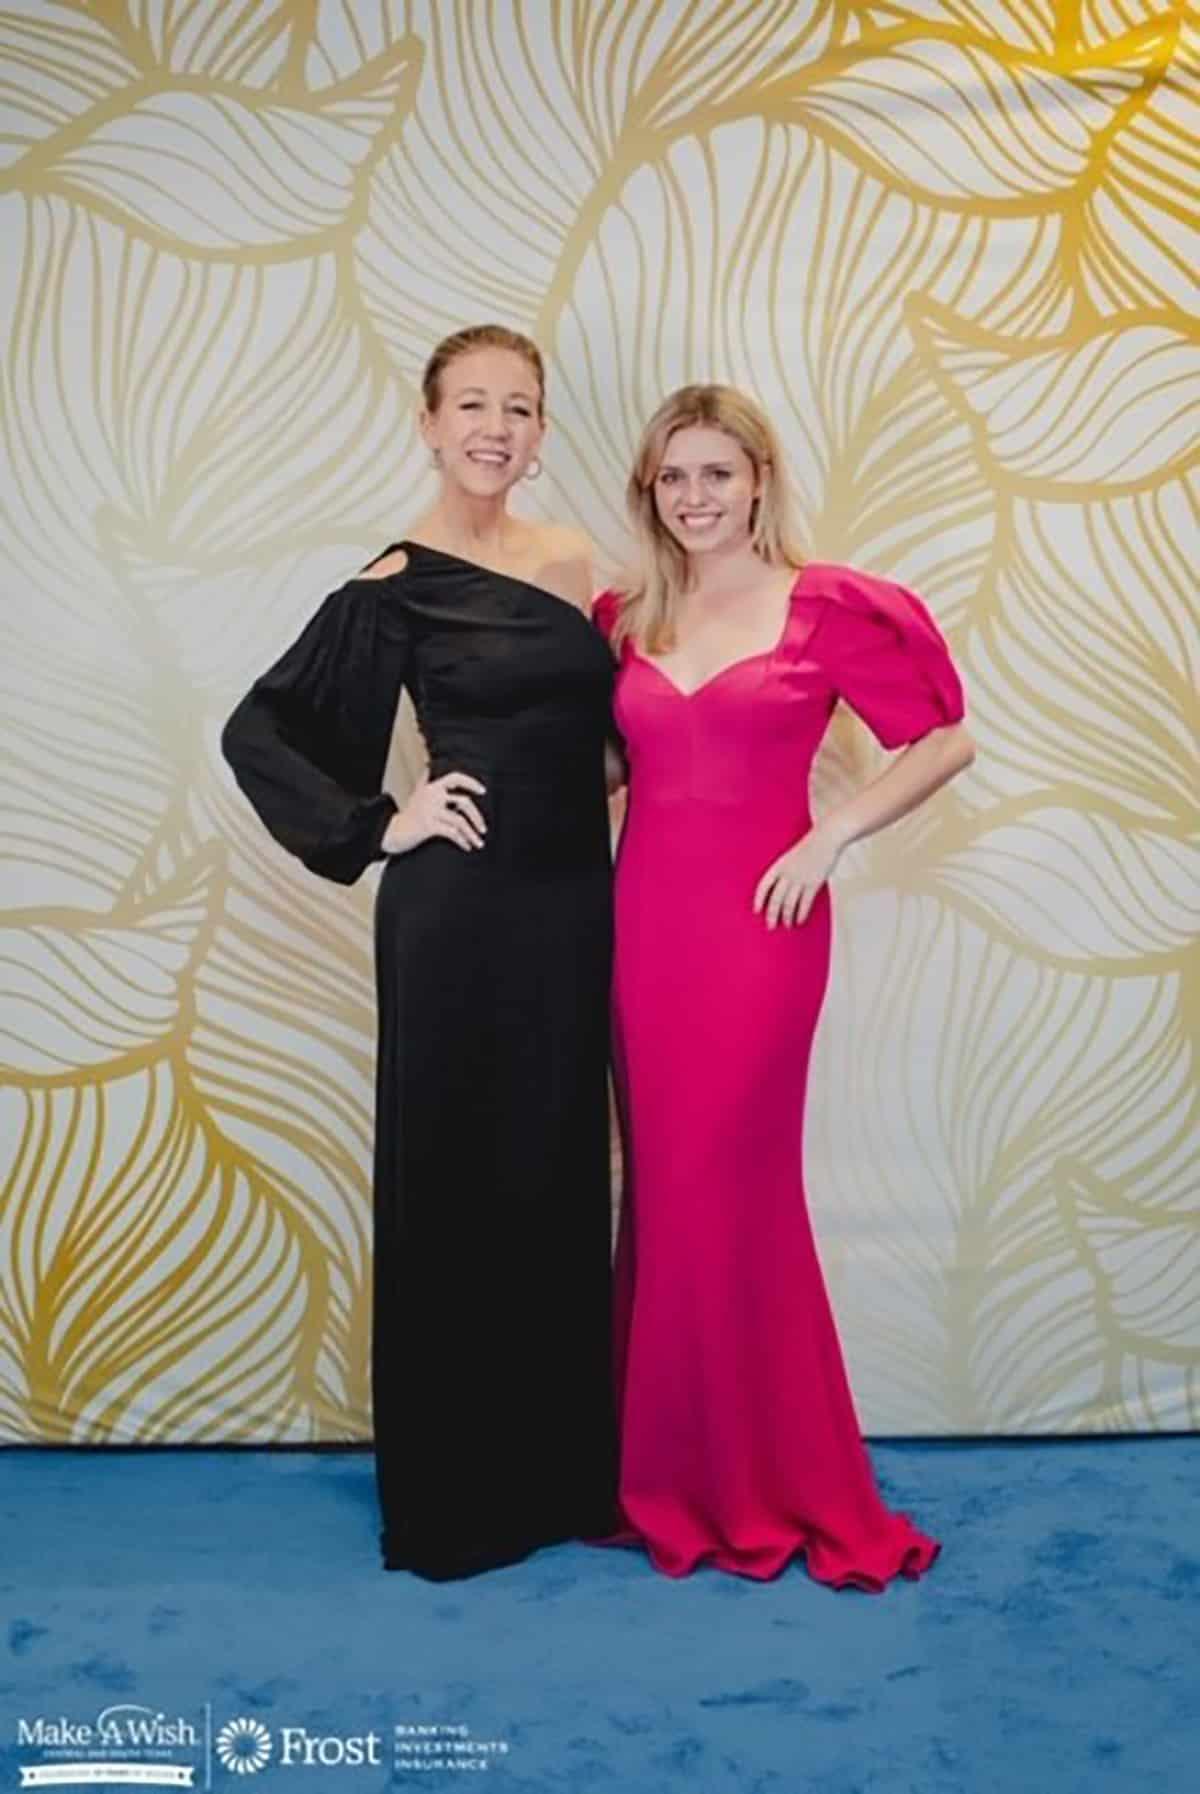 Jamie Leigh Jones and Danielle Carrier